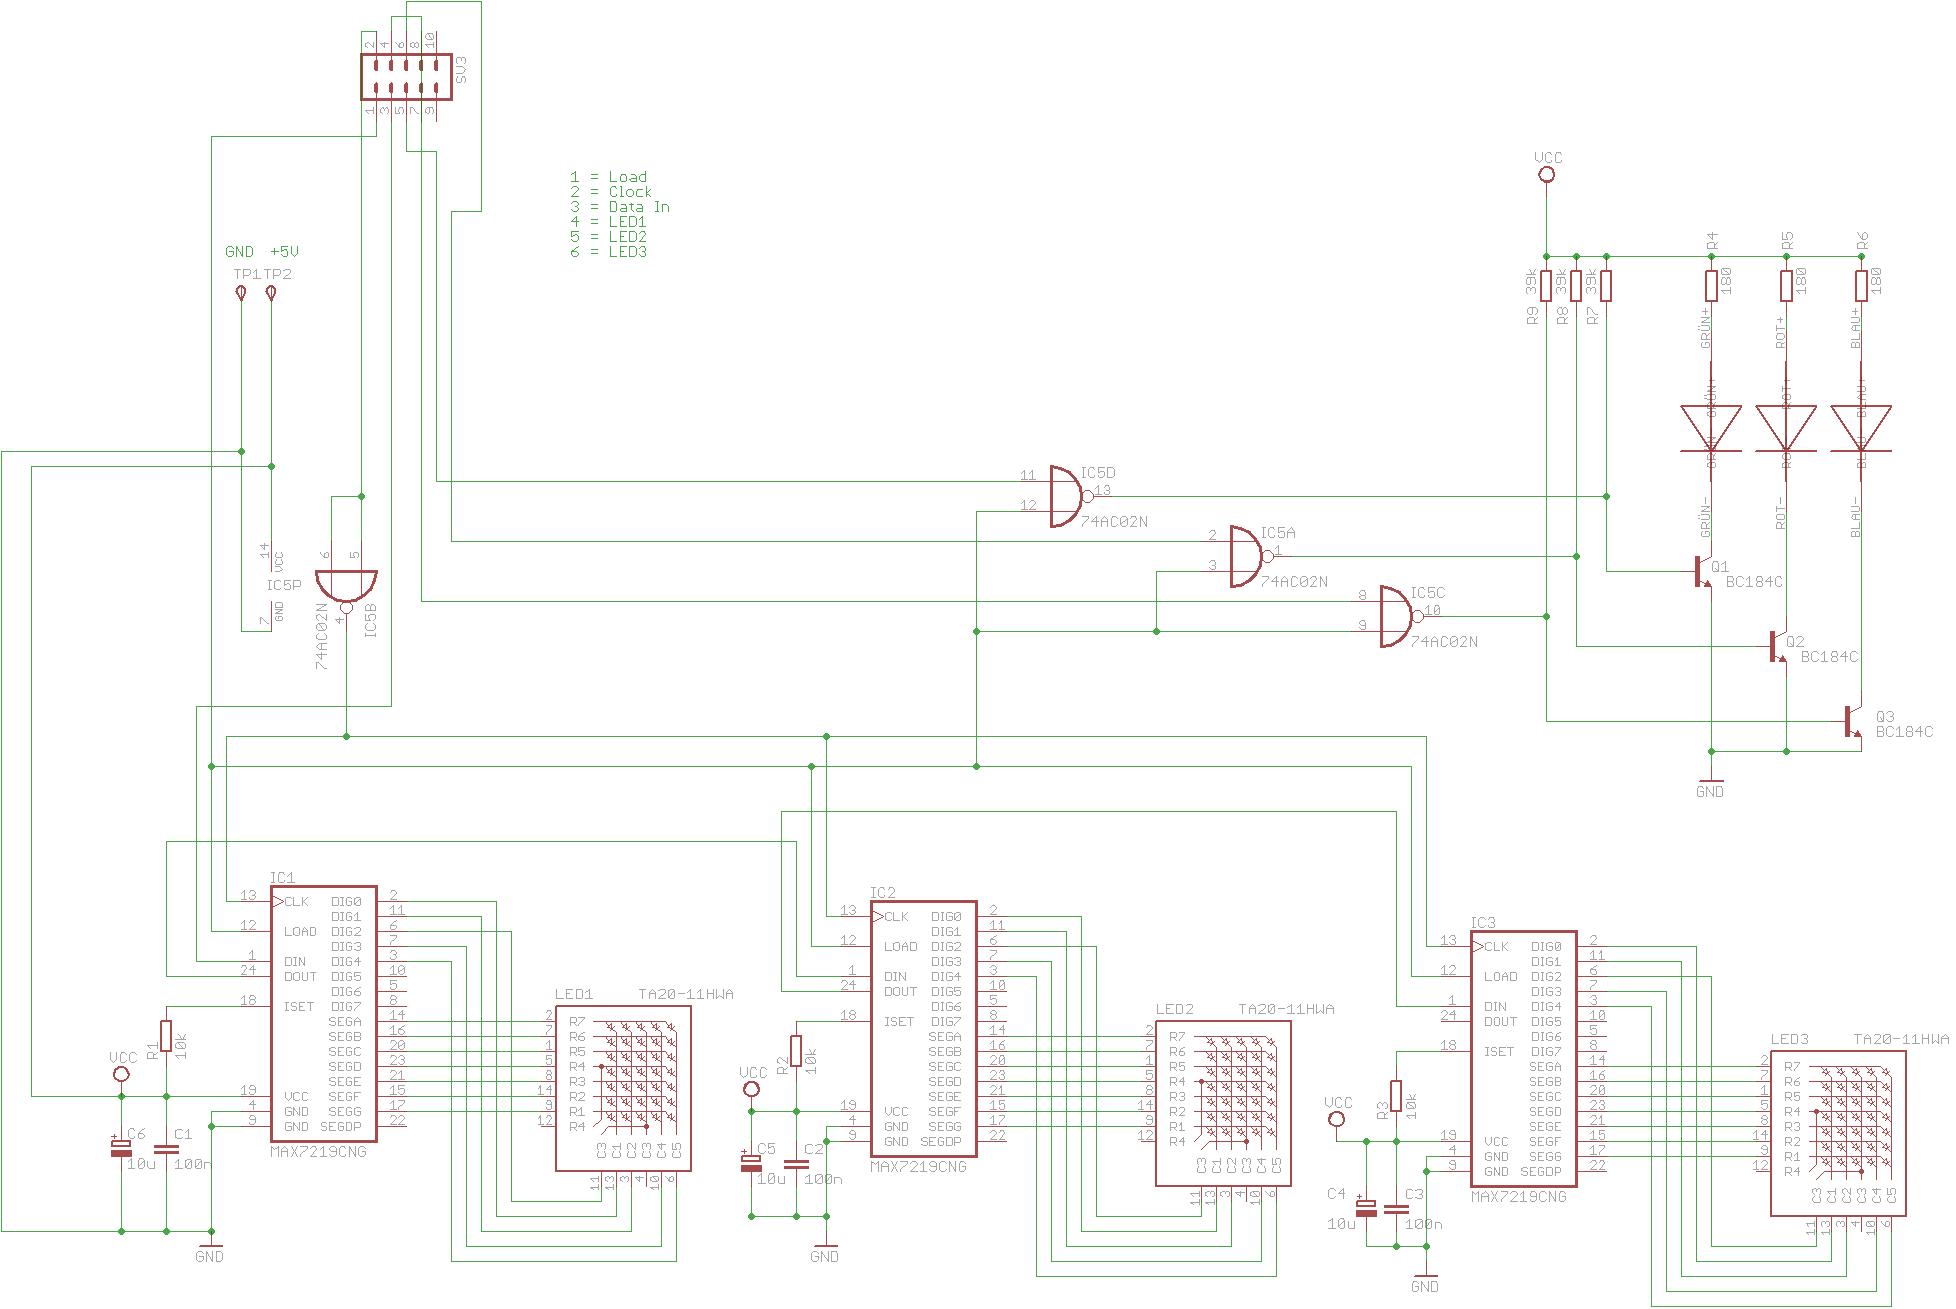 Anzeigetafel über lange Leitungen ansteuern - Mikrocontroller.net